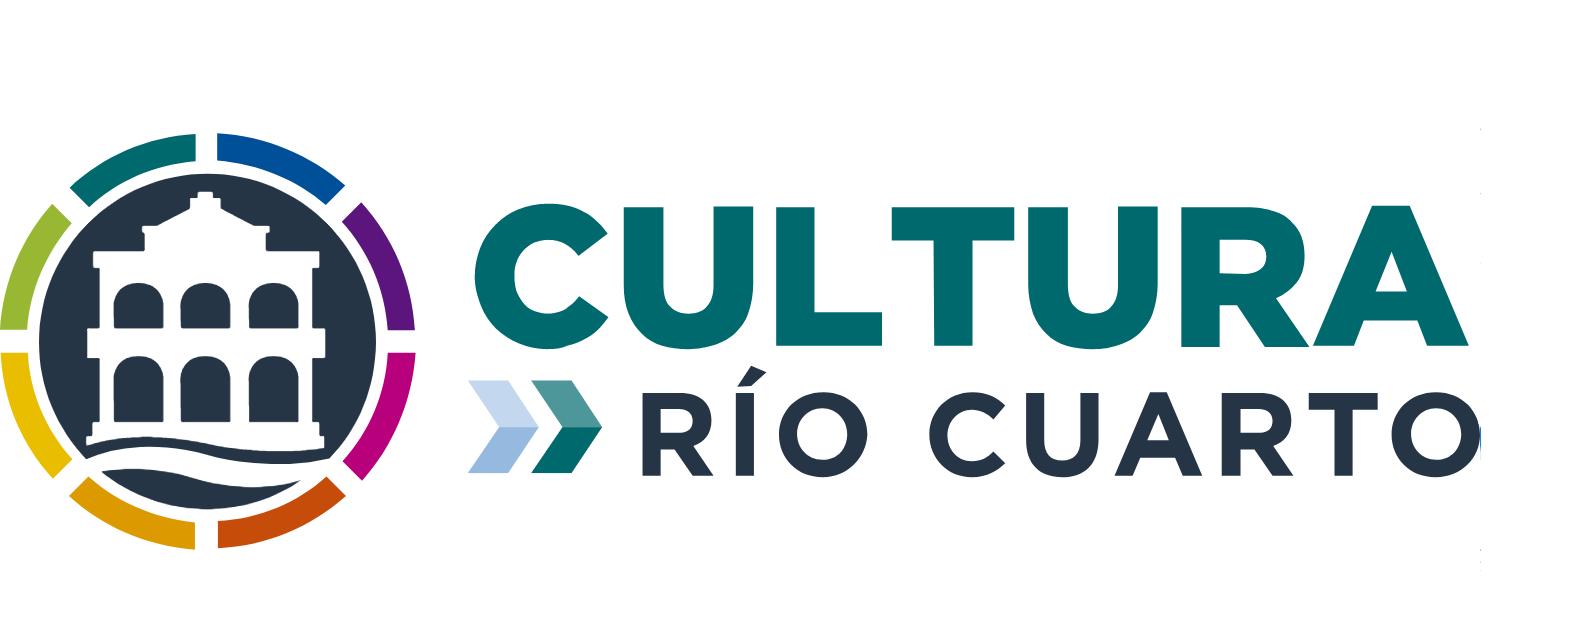 F. Cultura Río Cuarto